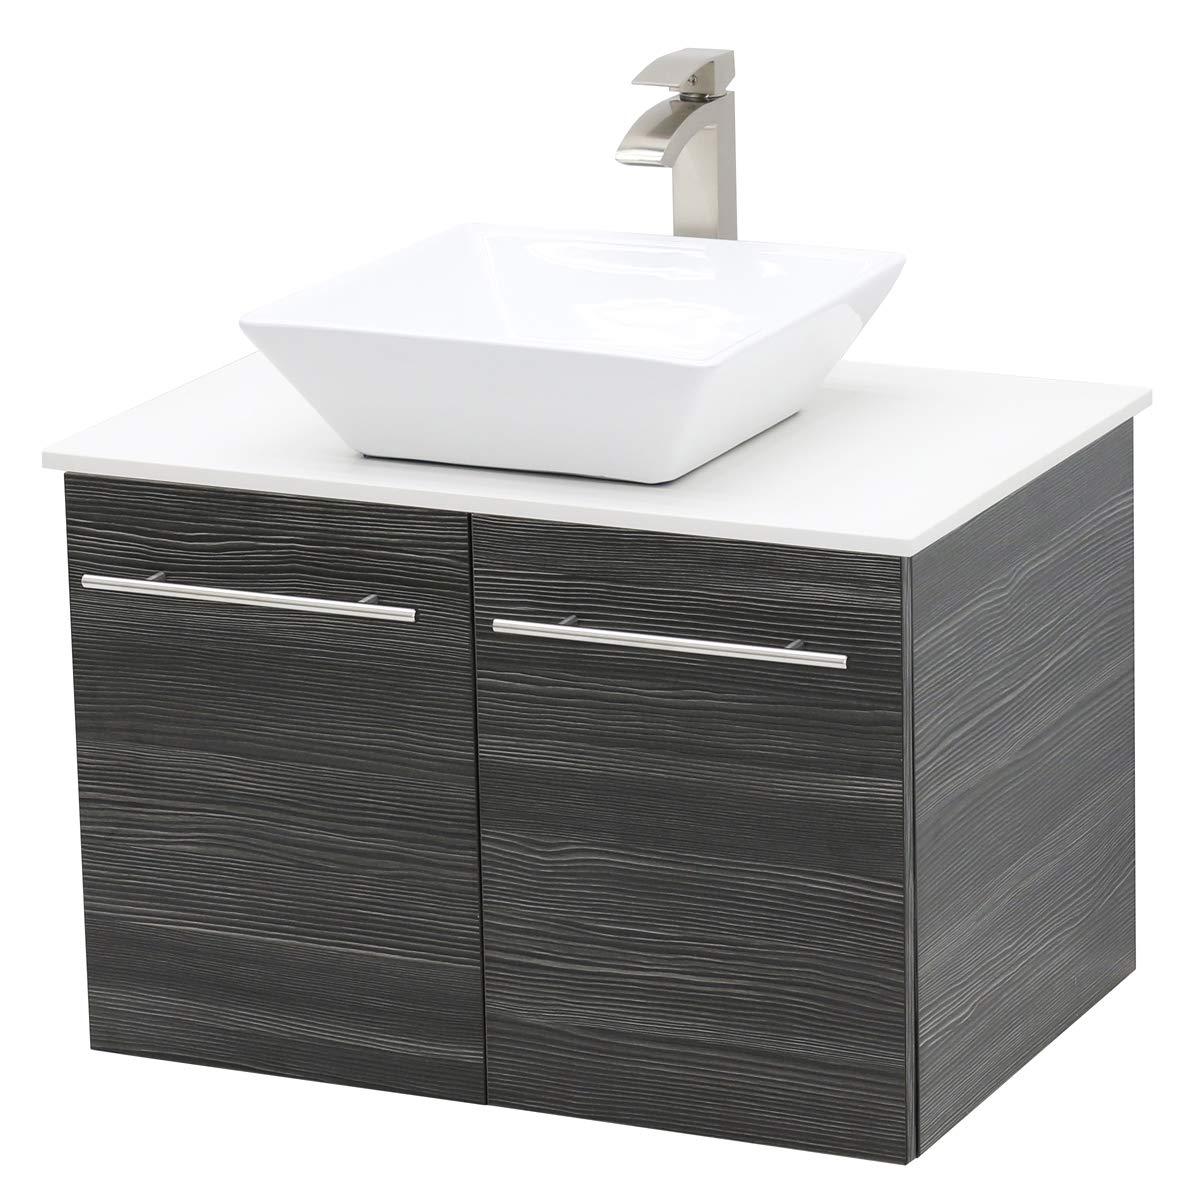 WindBay Wall Mount Floating Bathroom Vanity Sink Set. Dark Grey Vanity, White Flat Stone Countertop Ceramic Sink – 36